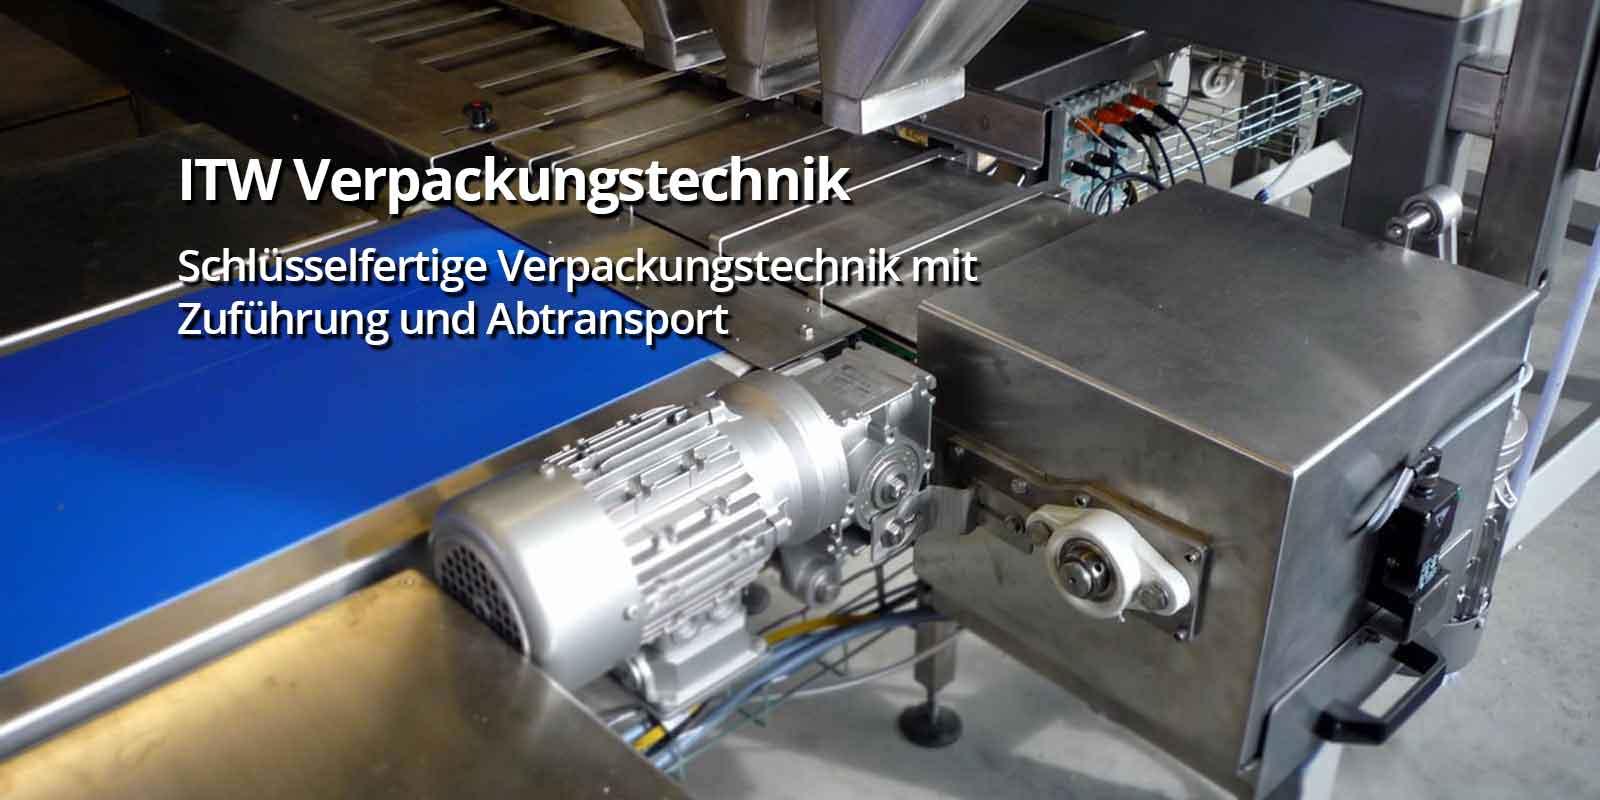 ITW Verpackungstechnik Schlüsselfertige Verpackungstechnik mit Zuführung und Abtransport